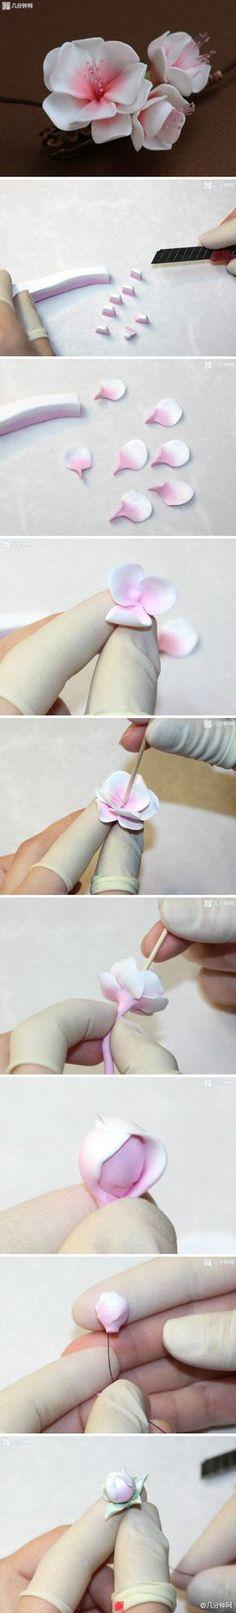 2 toned flower without dusting cake / twee kleuren bloem taart gepind door www.hierishetfeest.com